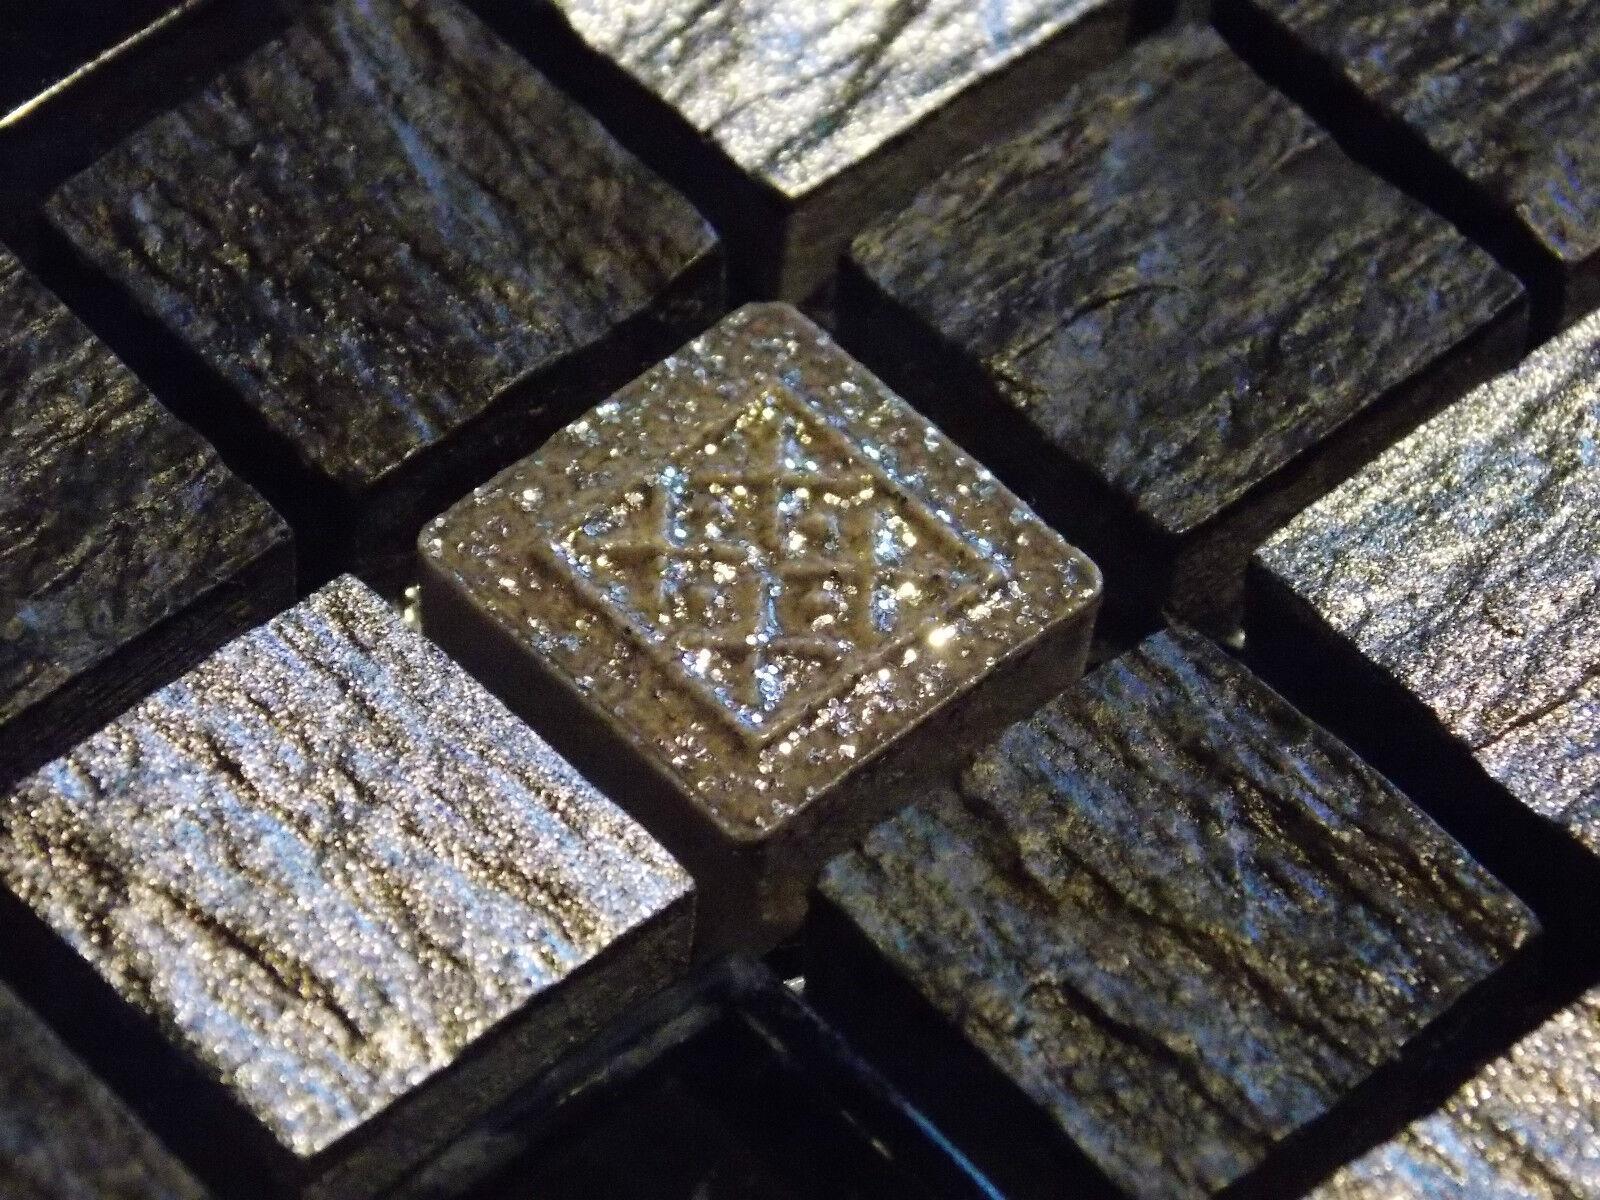 Schiefer effekt mosaik fliesen glas naturstein silber schwarz ornament ftdur1505 eur 13 95 - Mosaikfliesen silber ...